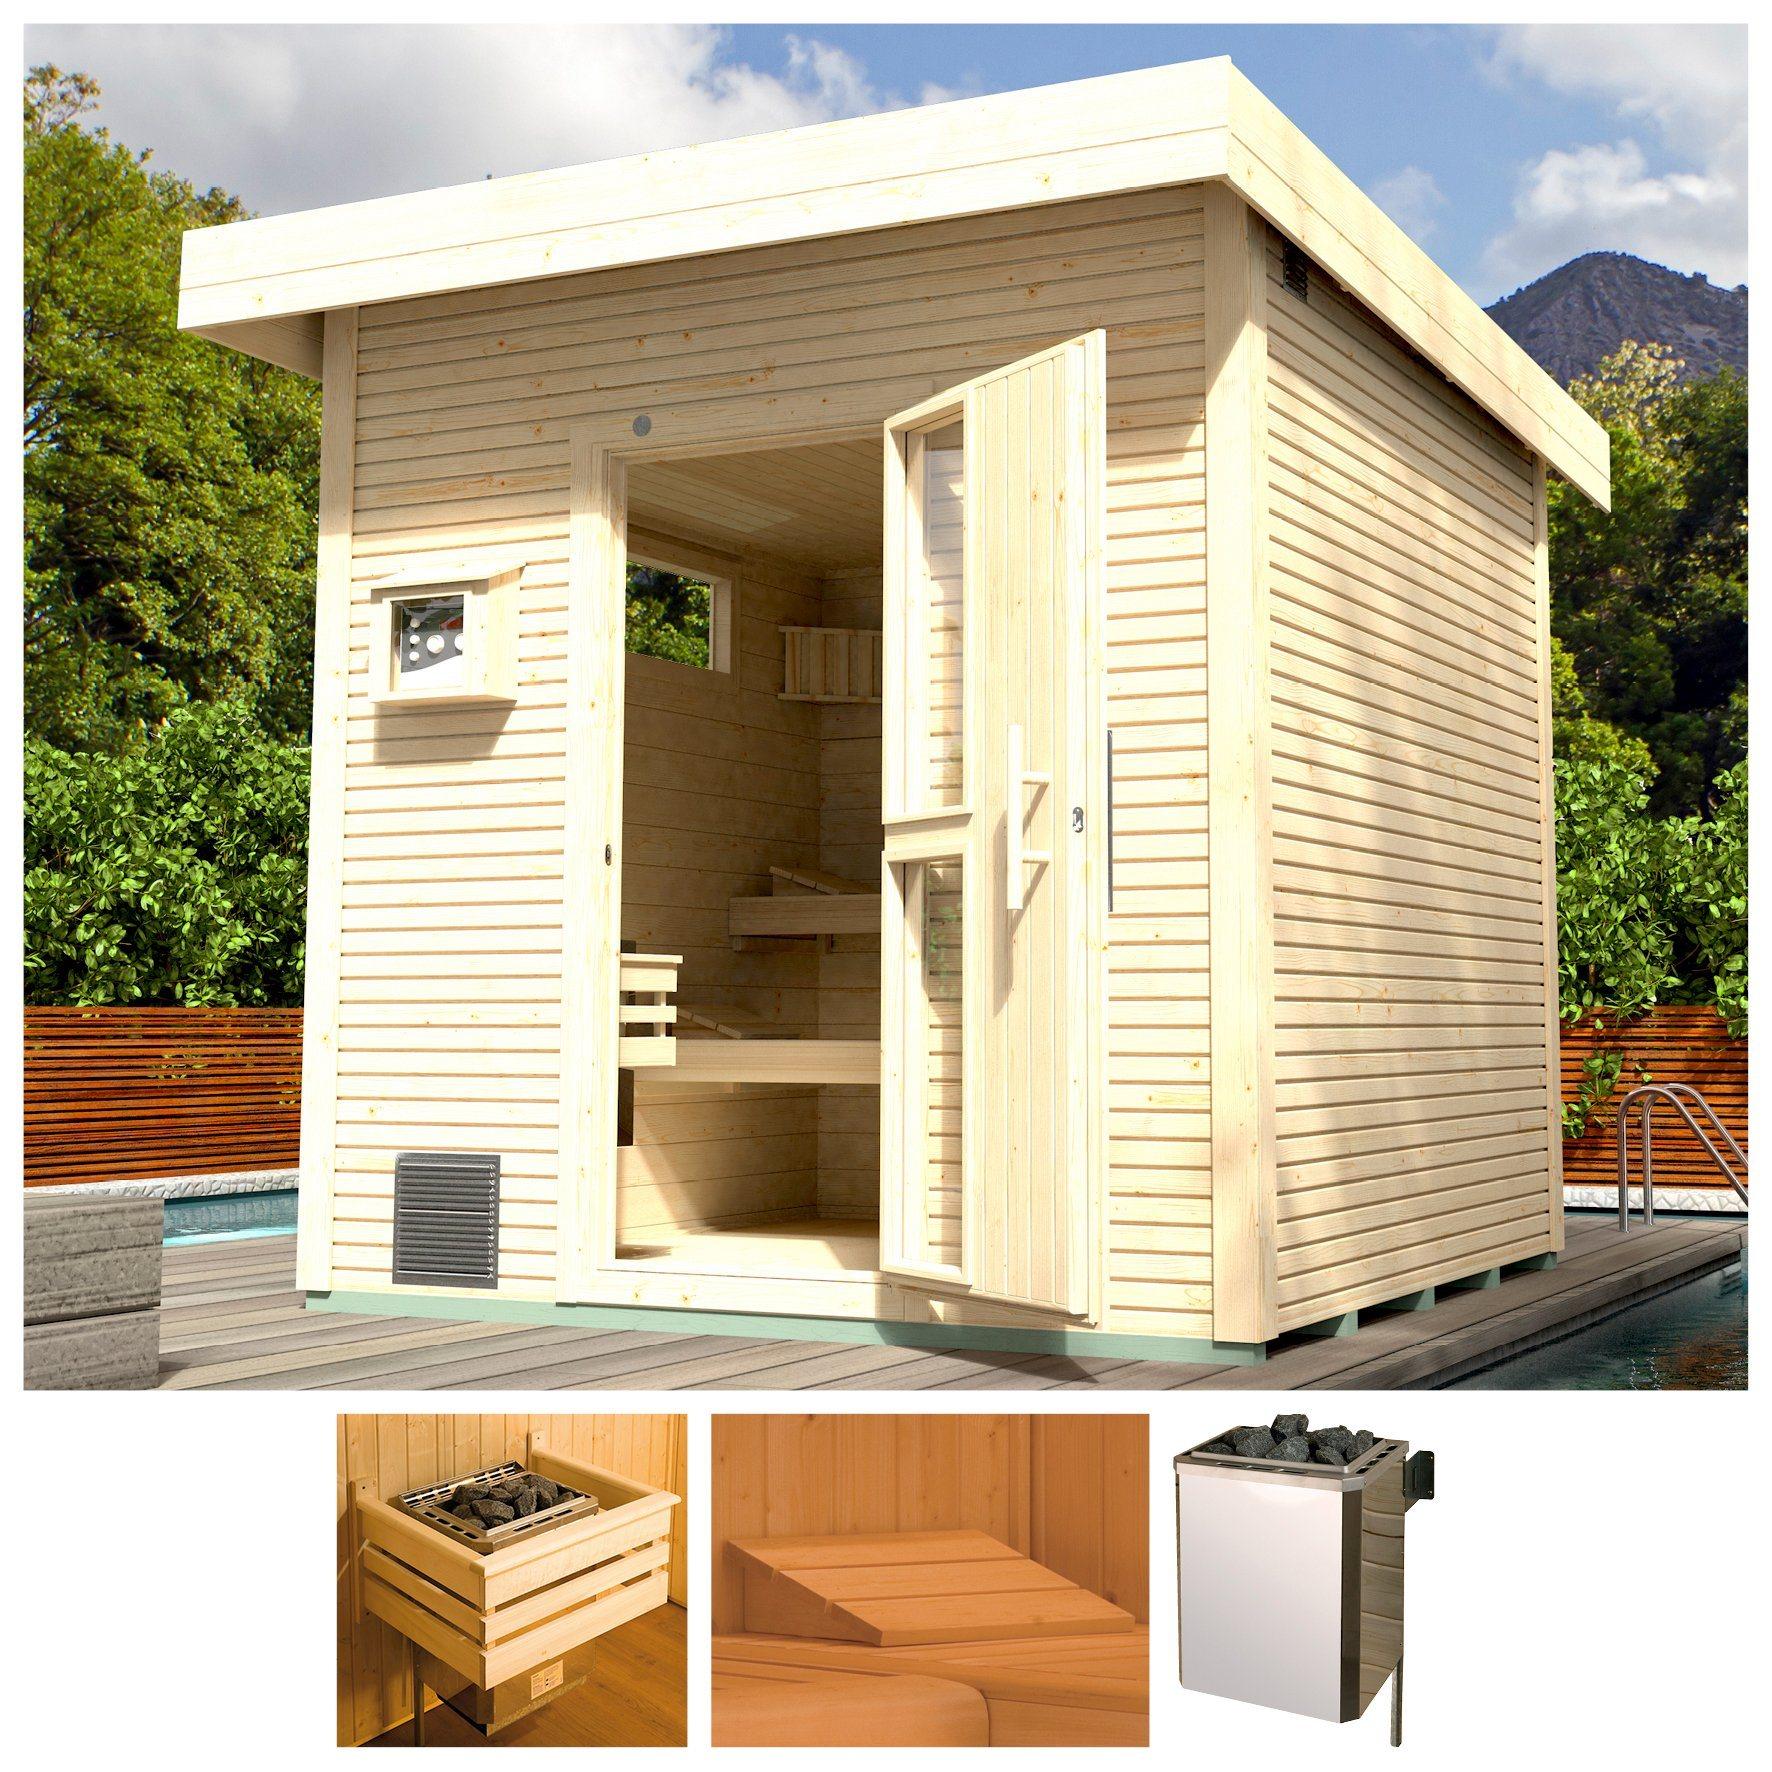 WEKA Saunahaus »Svendborg«, 262x298x253 cm, 45 mm, natur, 9-kW-Bio-Ofen mit ext. Strg. | Baumarkt > Bad und Sanitär > Sauna und Zubehör | weka